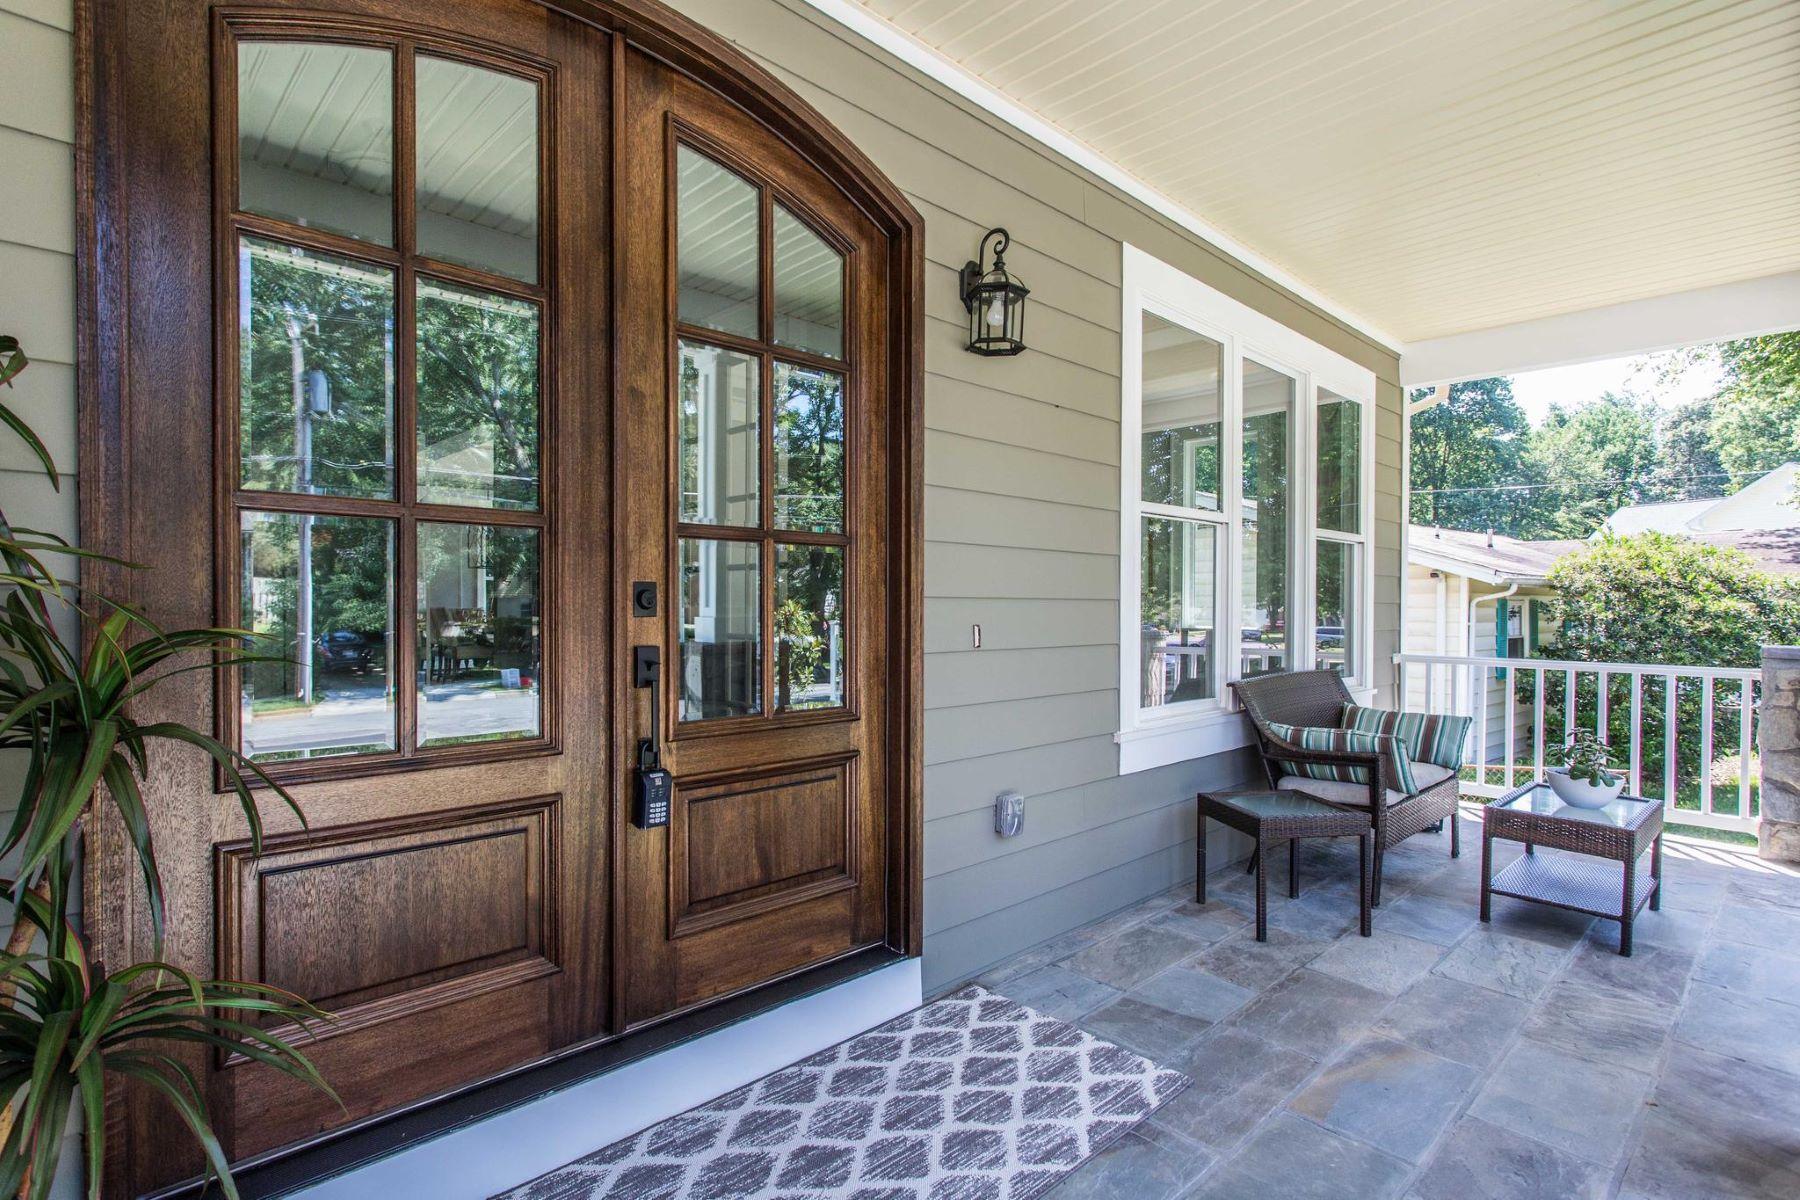 Частный односемейный дом для того Продажа на New Custom Build By Ar Design In Vienna Woods 207 Ross Dr Sw Vienna, Виргиния 22180 Соединенные Штаты